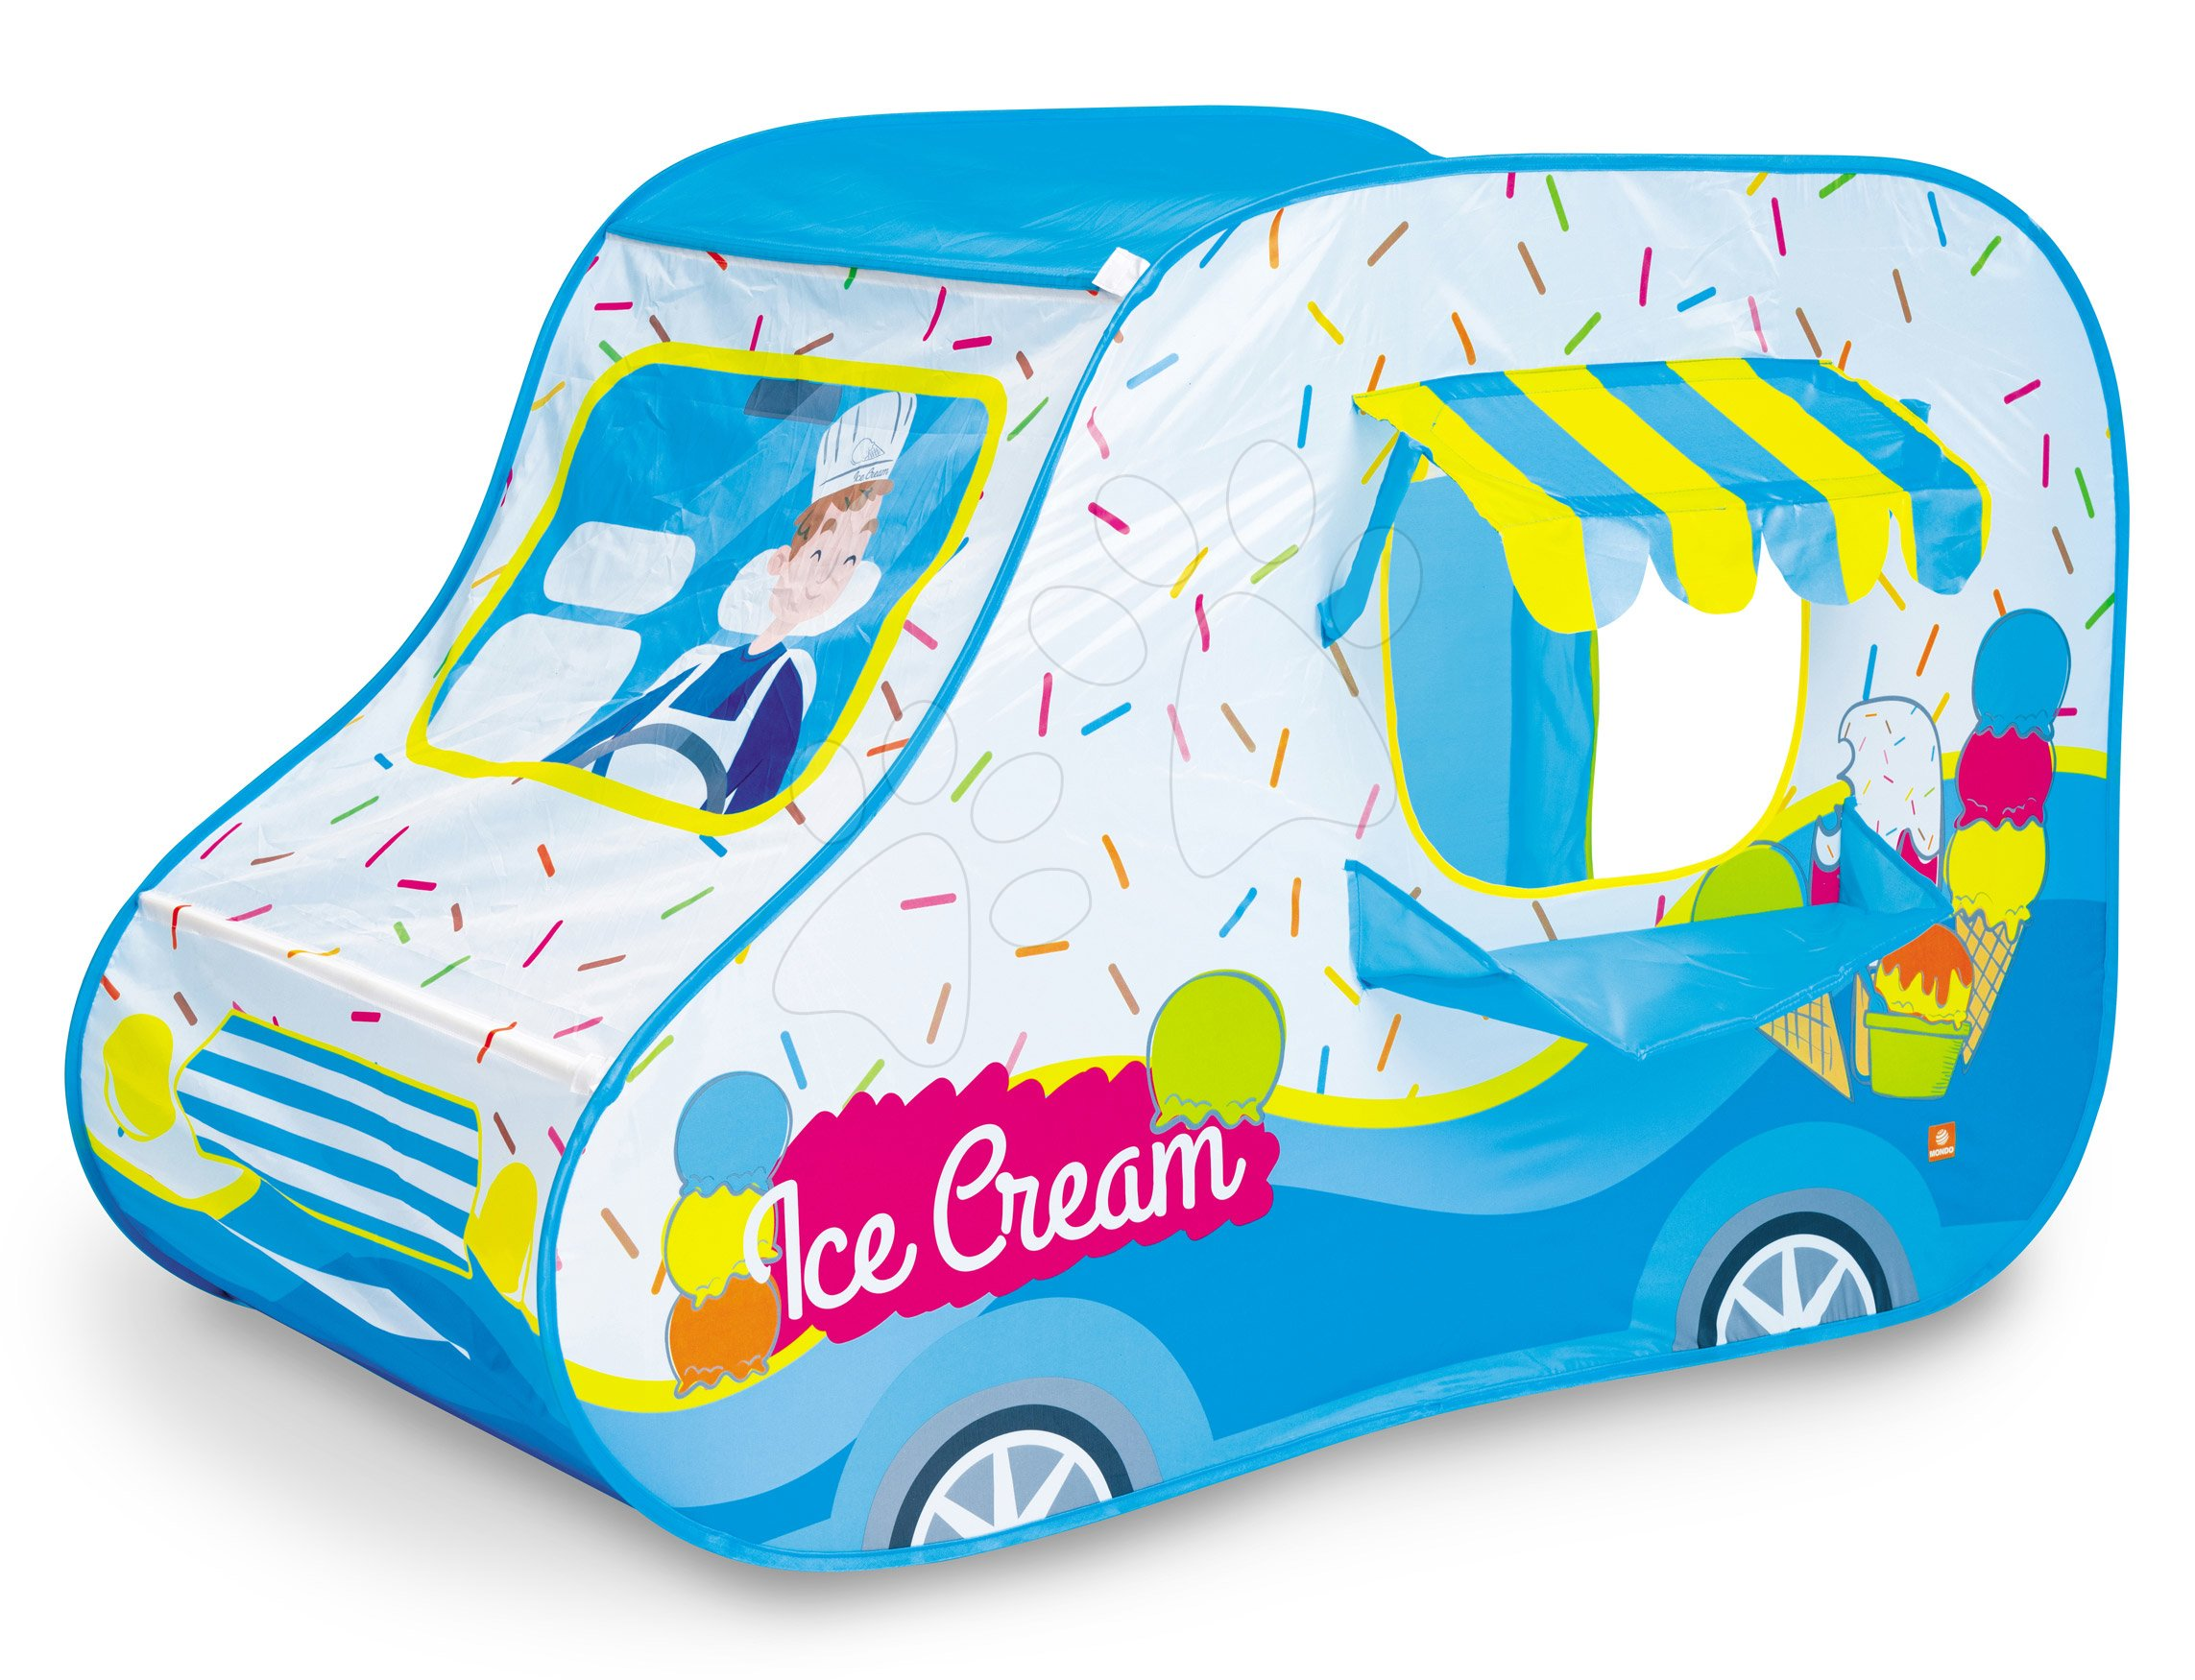 Stan auto zmrzlinárna Ice-cream van tent Mondo tyrkysový